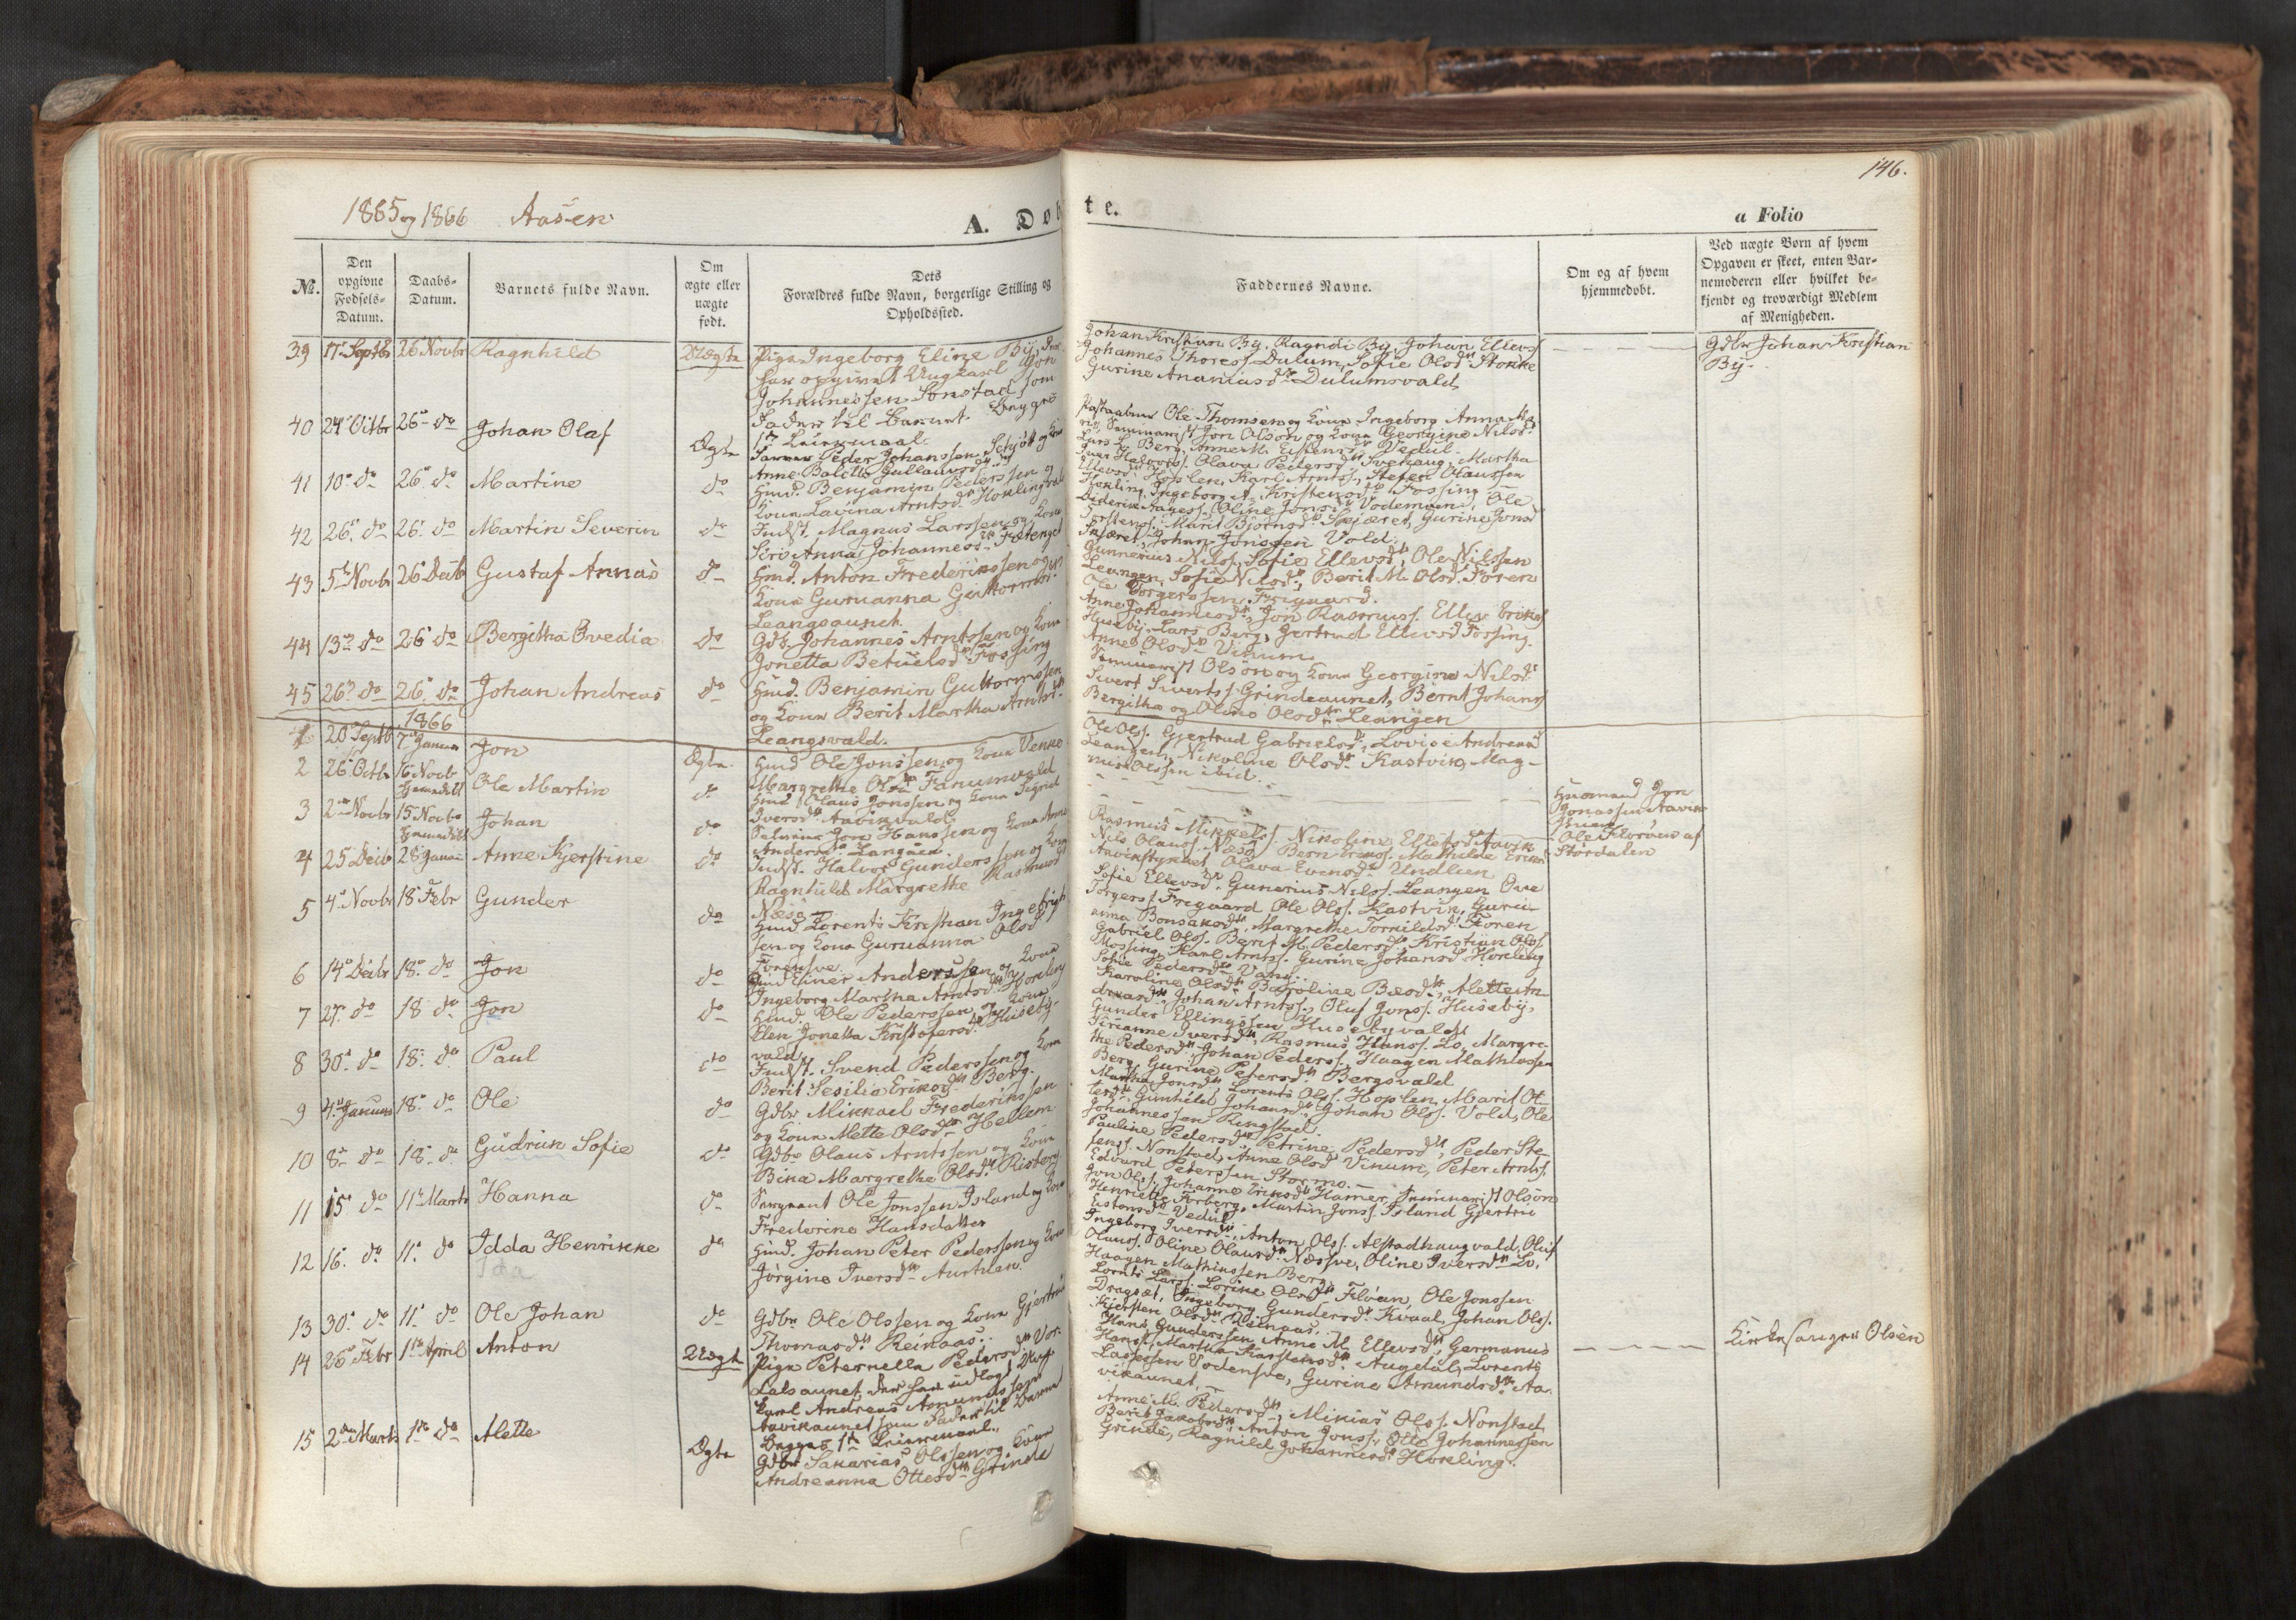 SAT, Ministerialprotokoller, klokkerbøker og fødselsregistre - Nord-Trøndelag, 713/L0116: Ministerialbok nr. 713A07, 1850-1877, s. 146